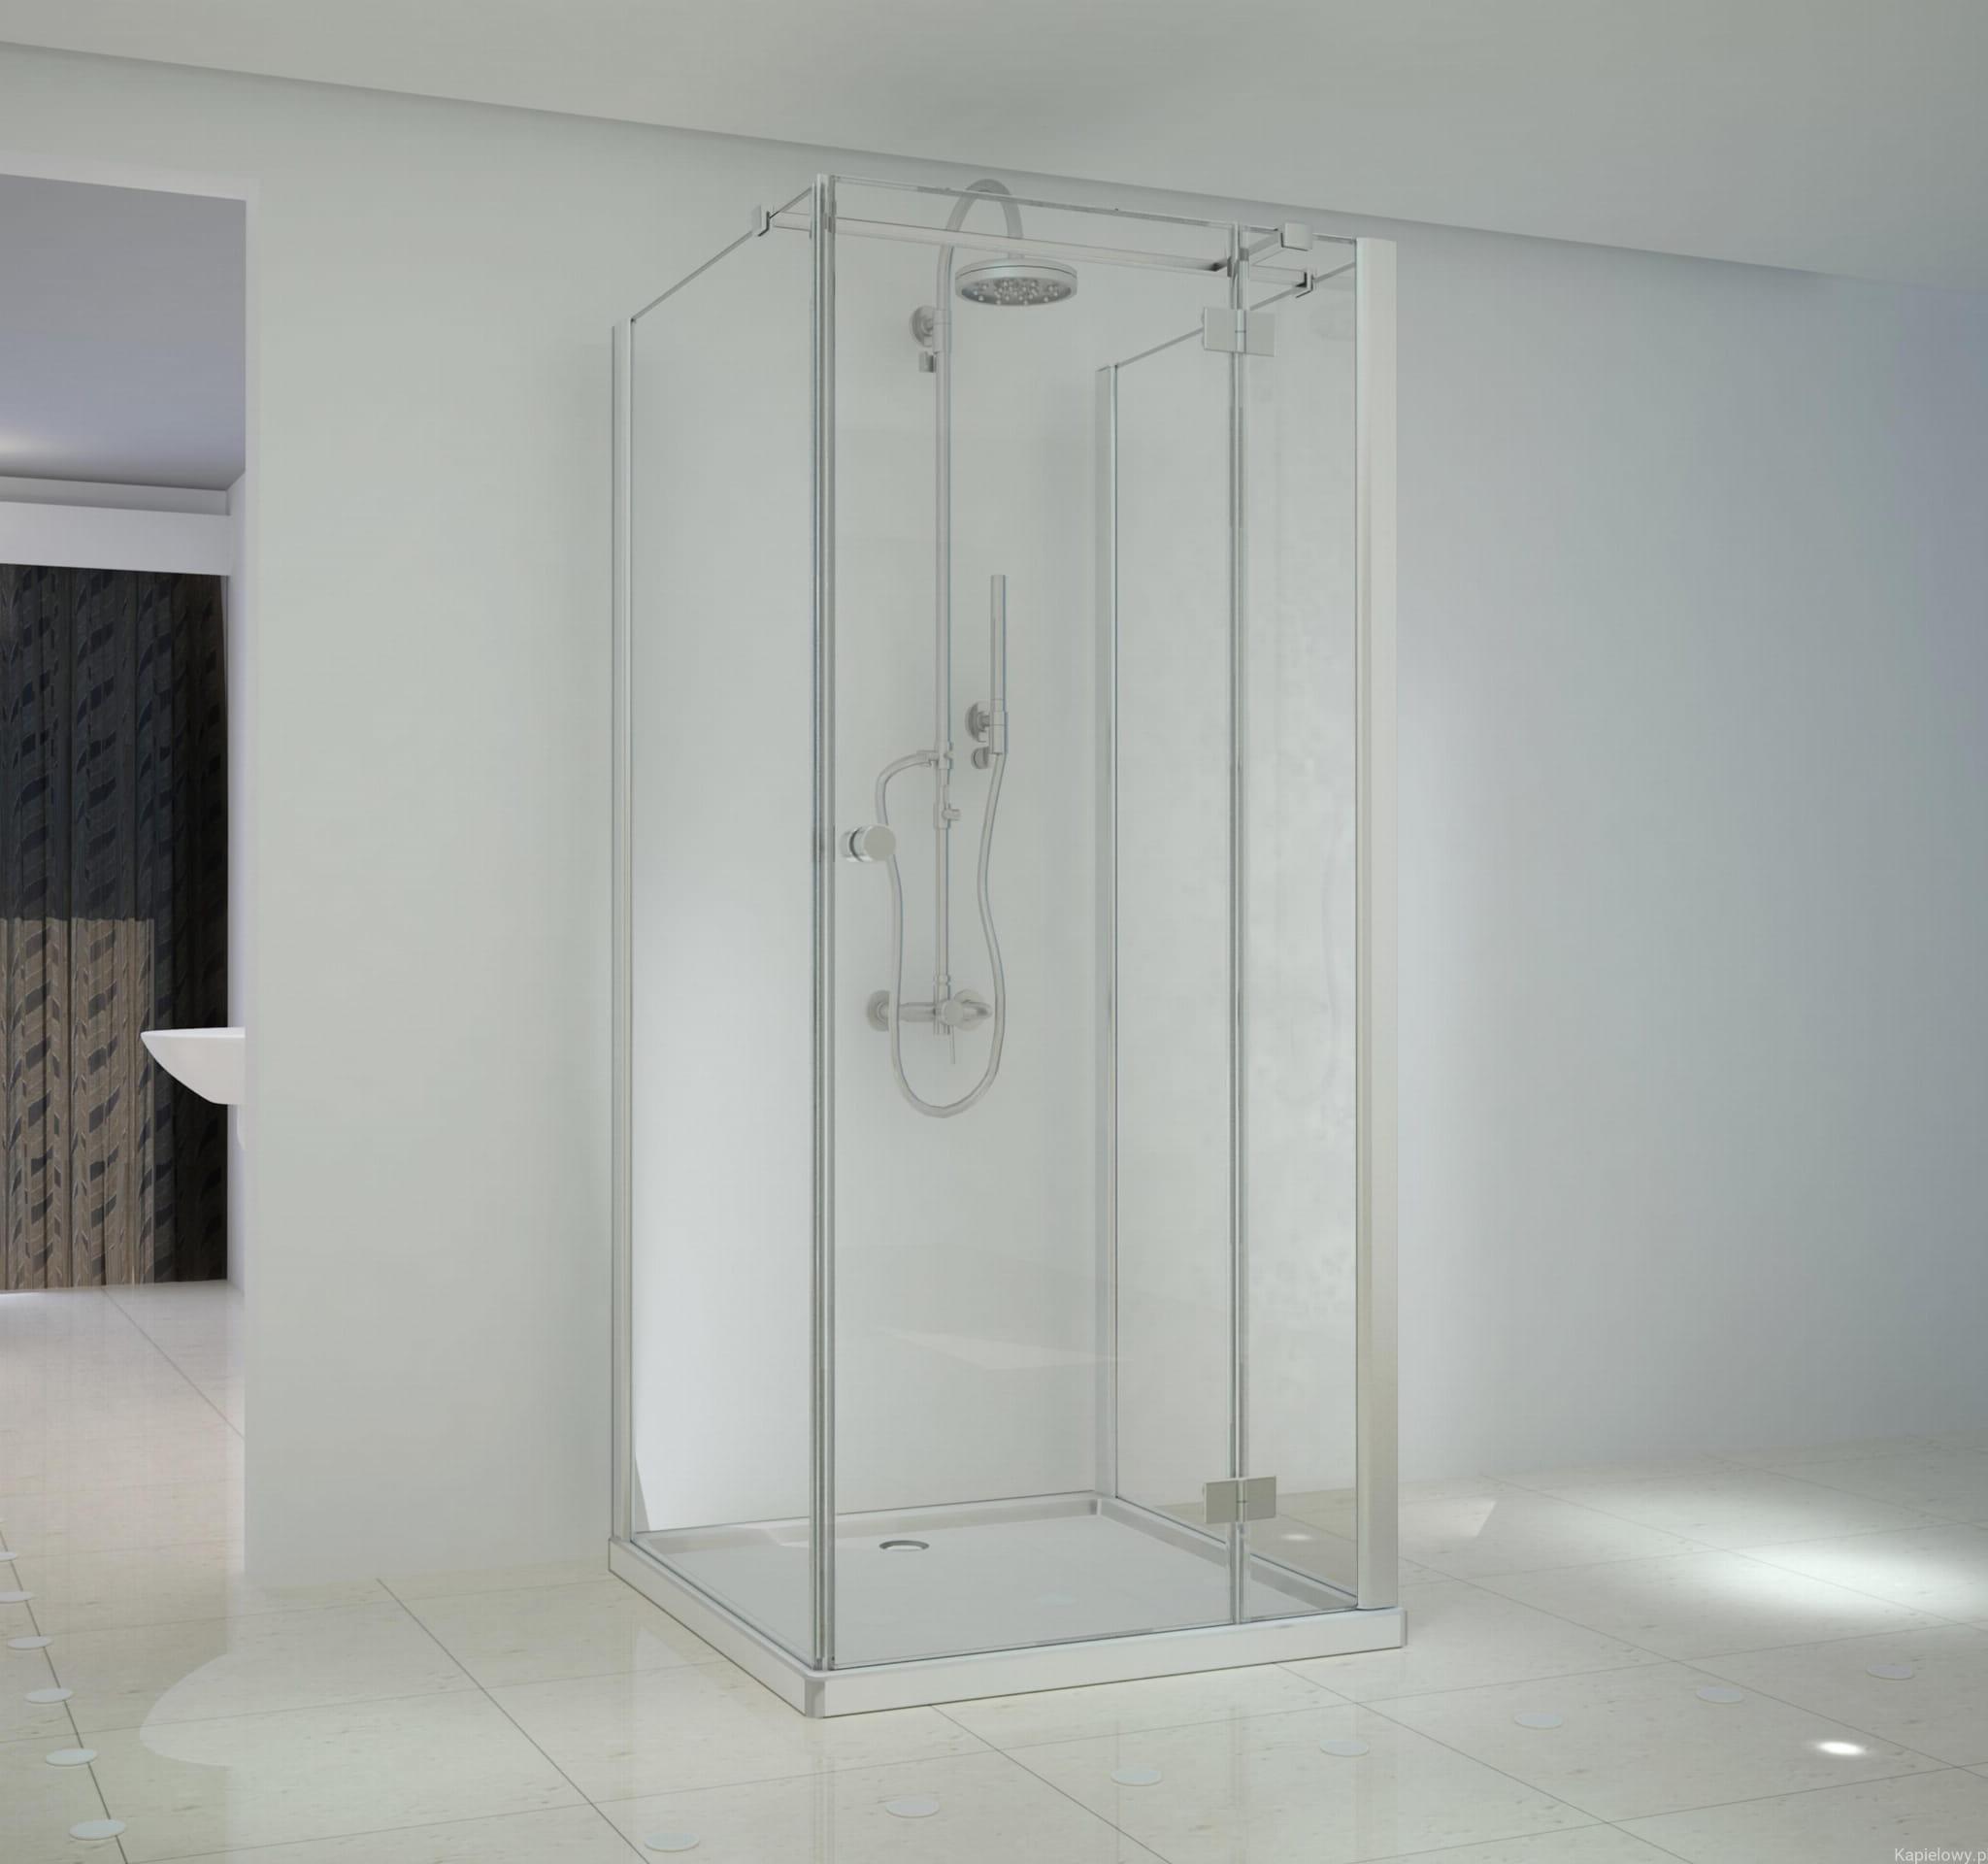 Sanotechnik - SMARTFLEX - Nástenný obdĺžnikový sprchový kút 70 x 110 x 195 cm pravý